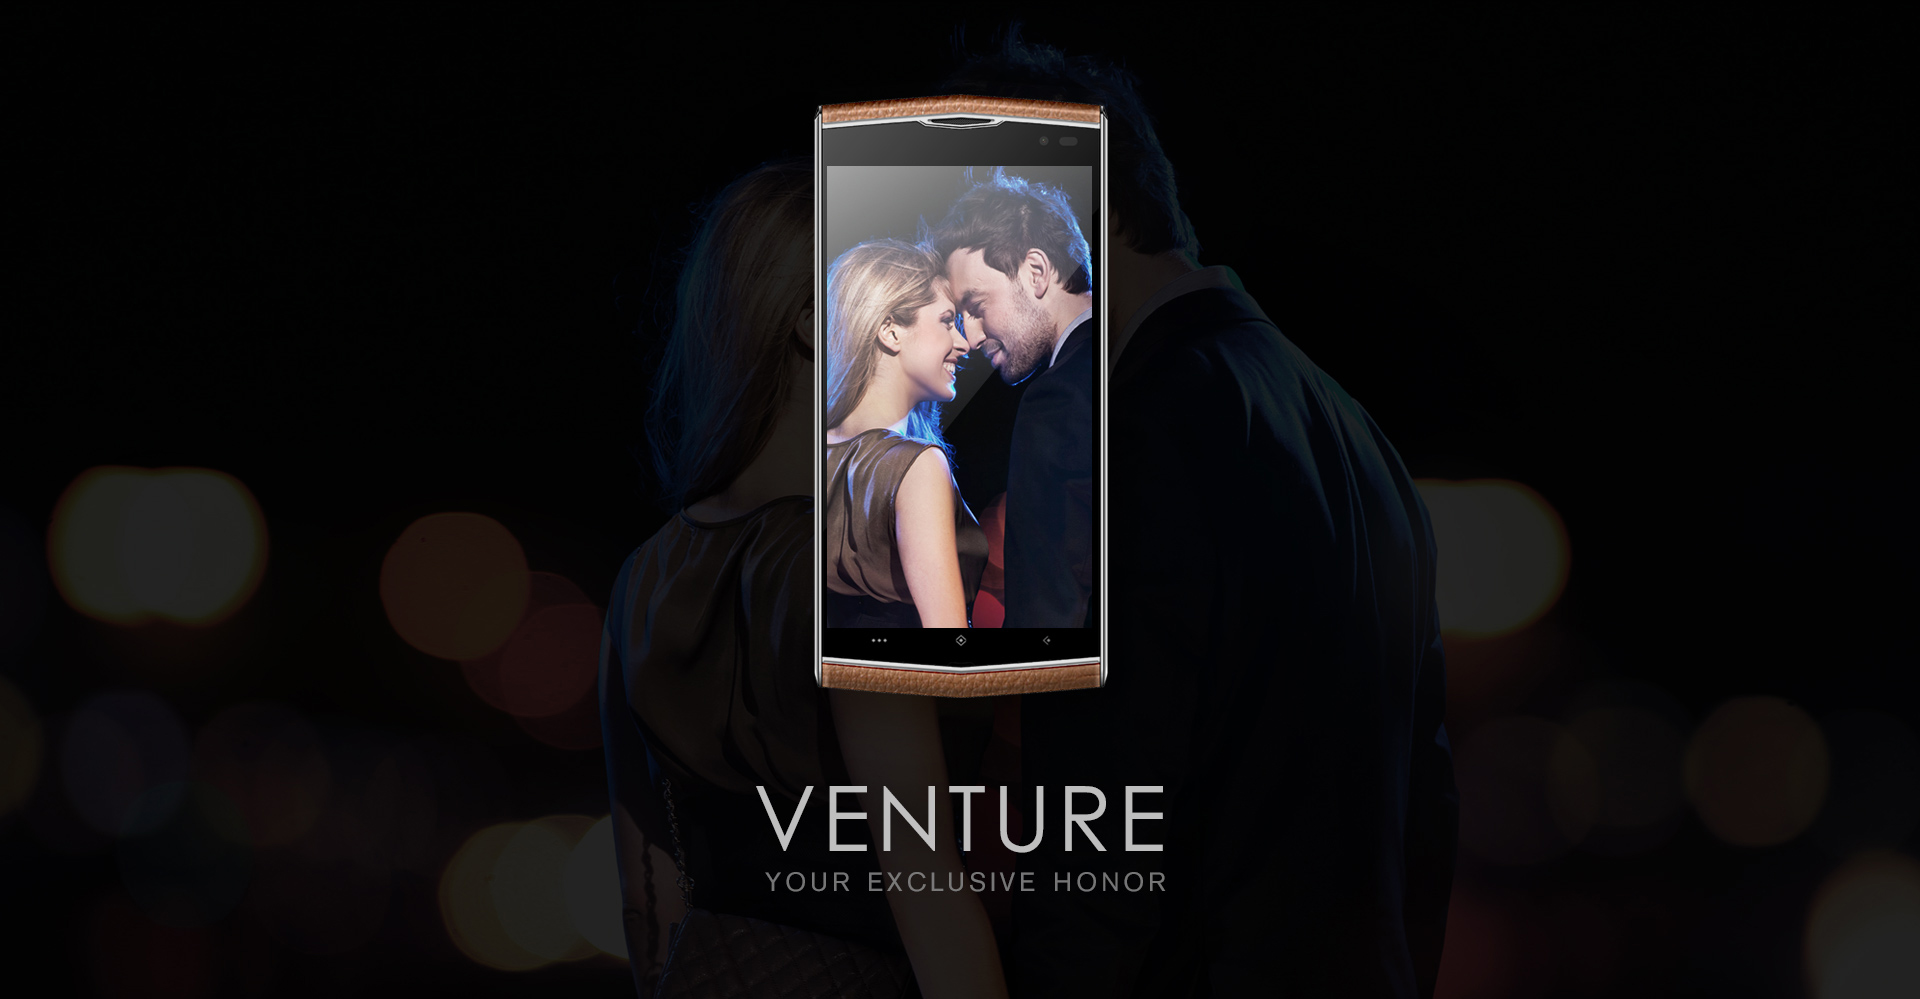 Leagoo Venture 1 con 20% de descuento antes de San Valentín en Aliexpress